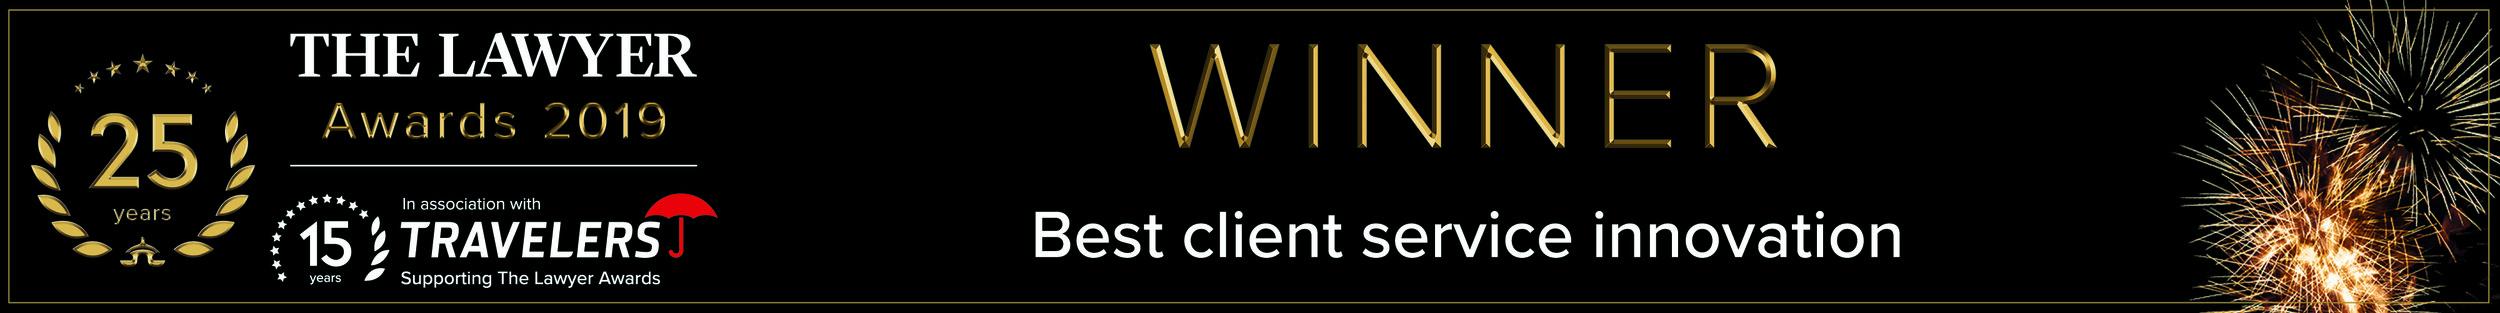 The Lawyer Awards 2019 WINNER BANNER.jpg